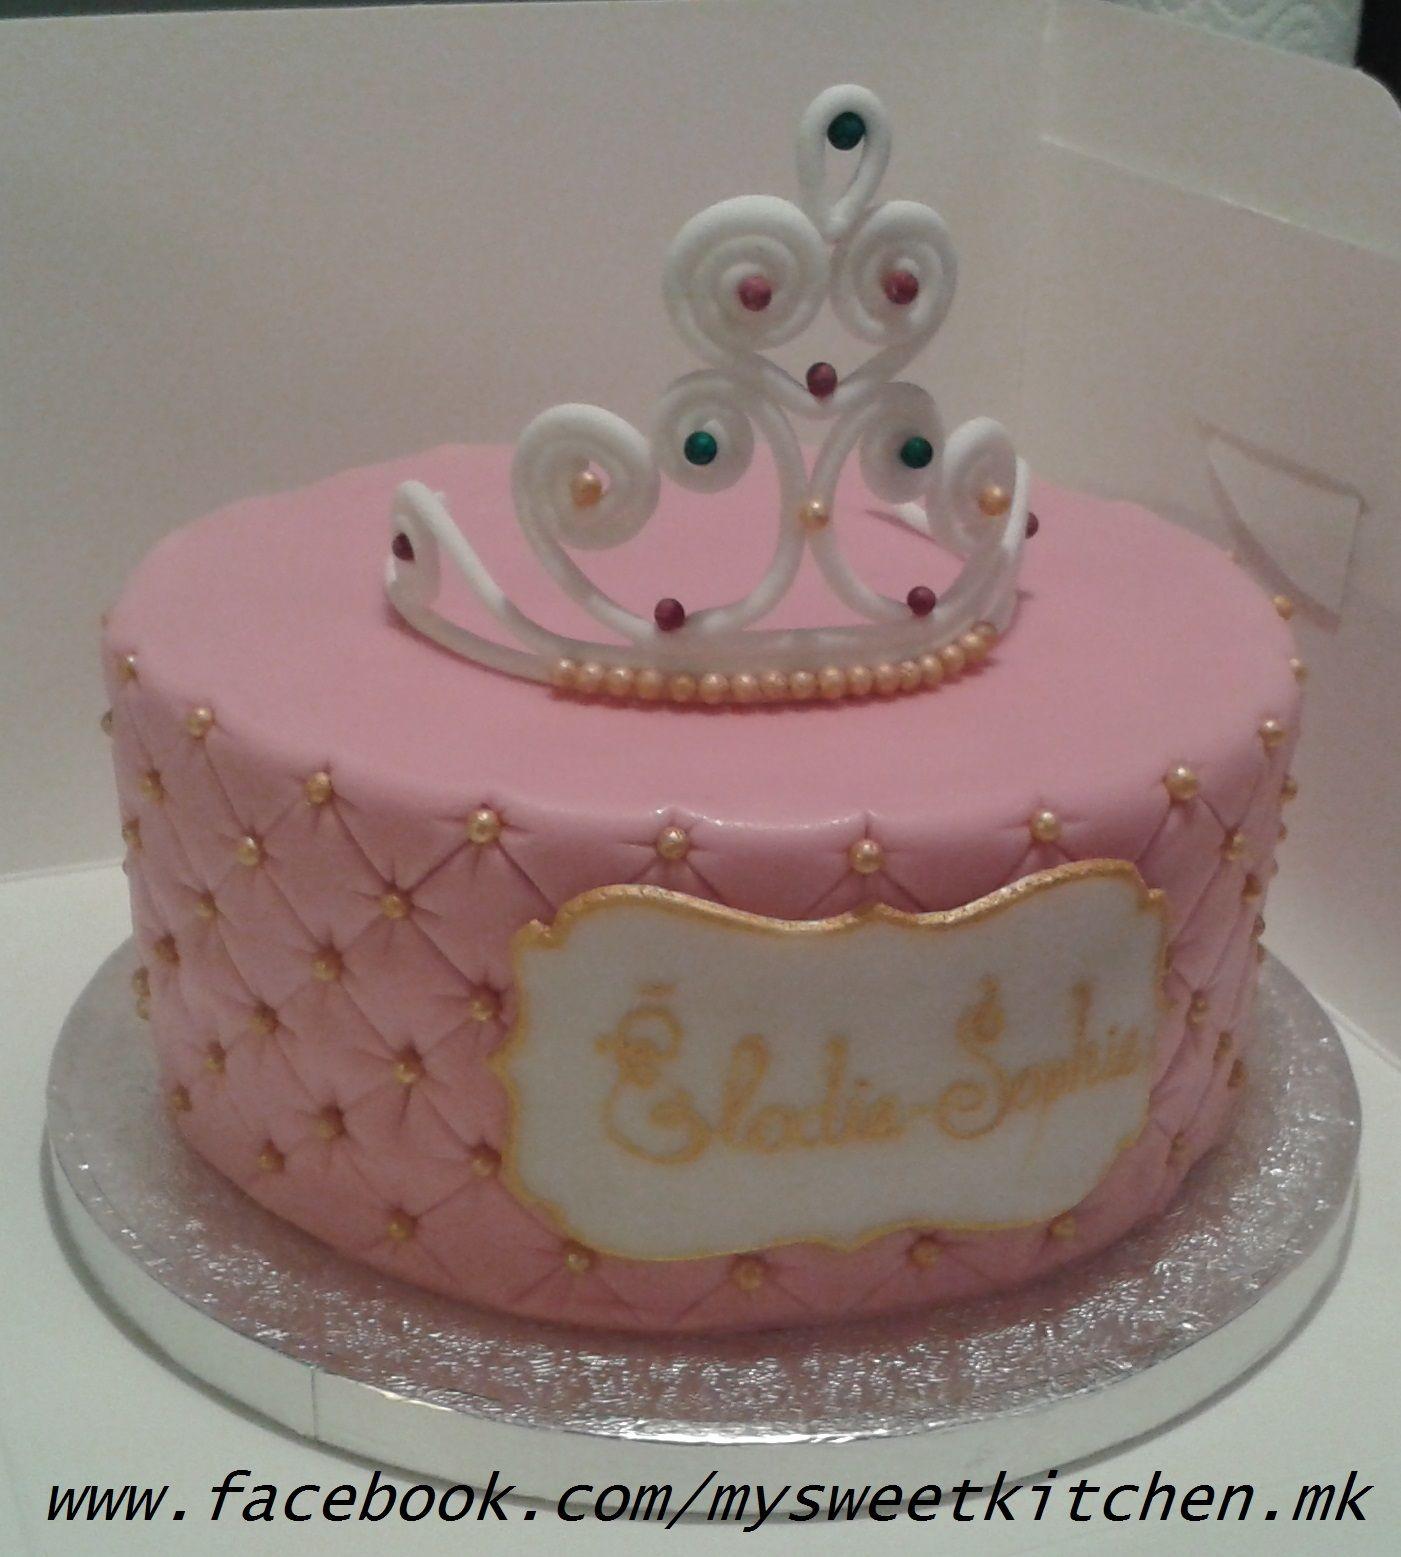 babytorte prinzessinnentorte mit diadem tiara baby cake princess cake with tiara meine torten. Black Bedroom Furniture Sets. Home Design Ideas